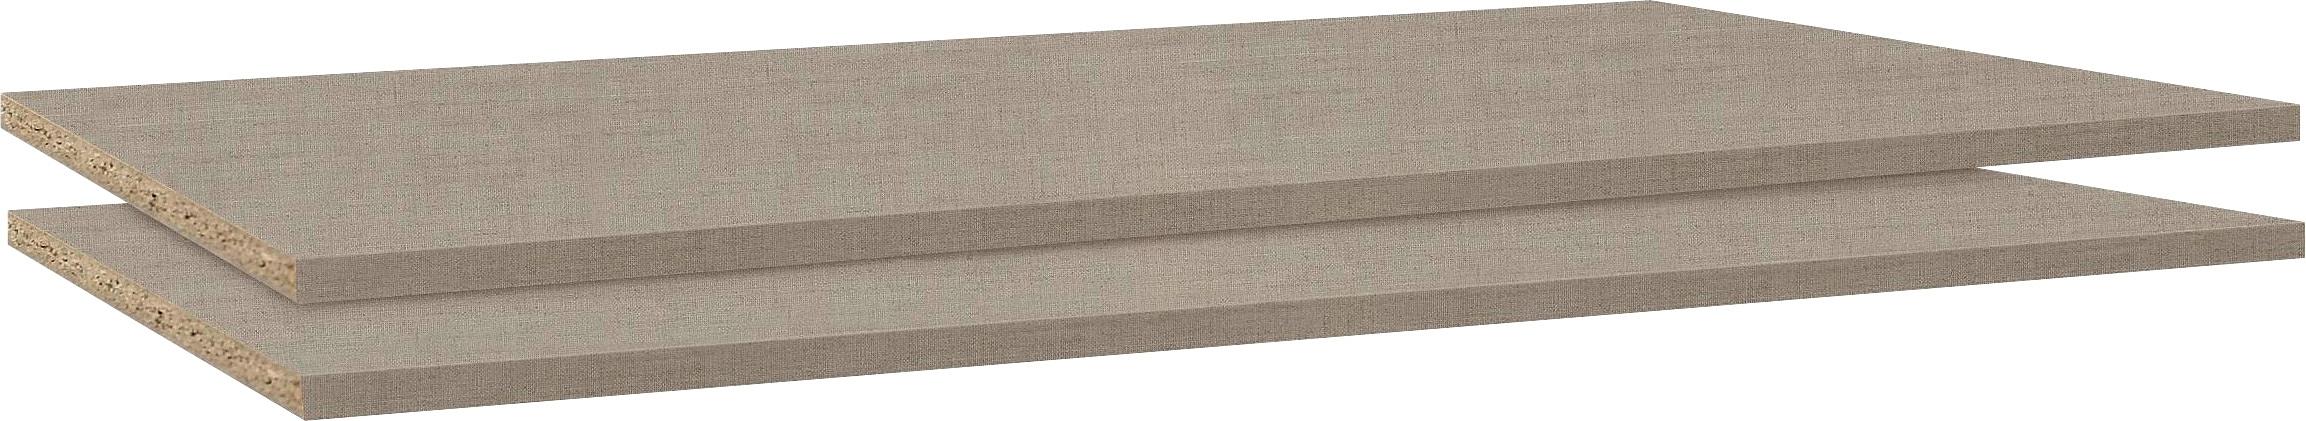 Rauch Plank, set van 2 bestellen: 14 dagen bedenktijd